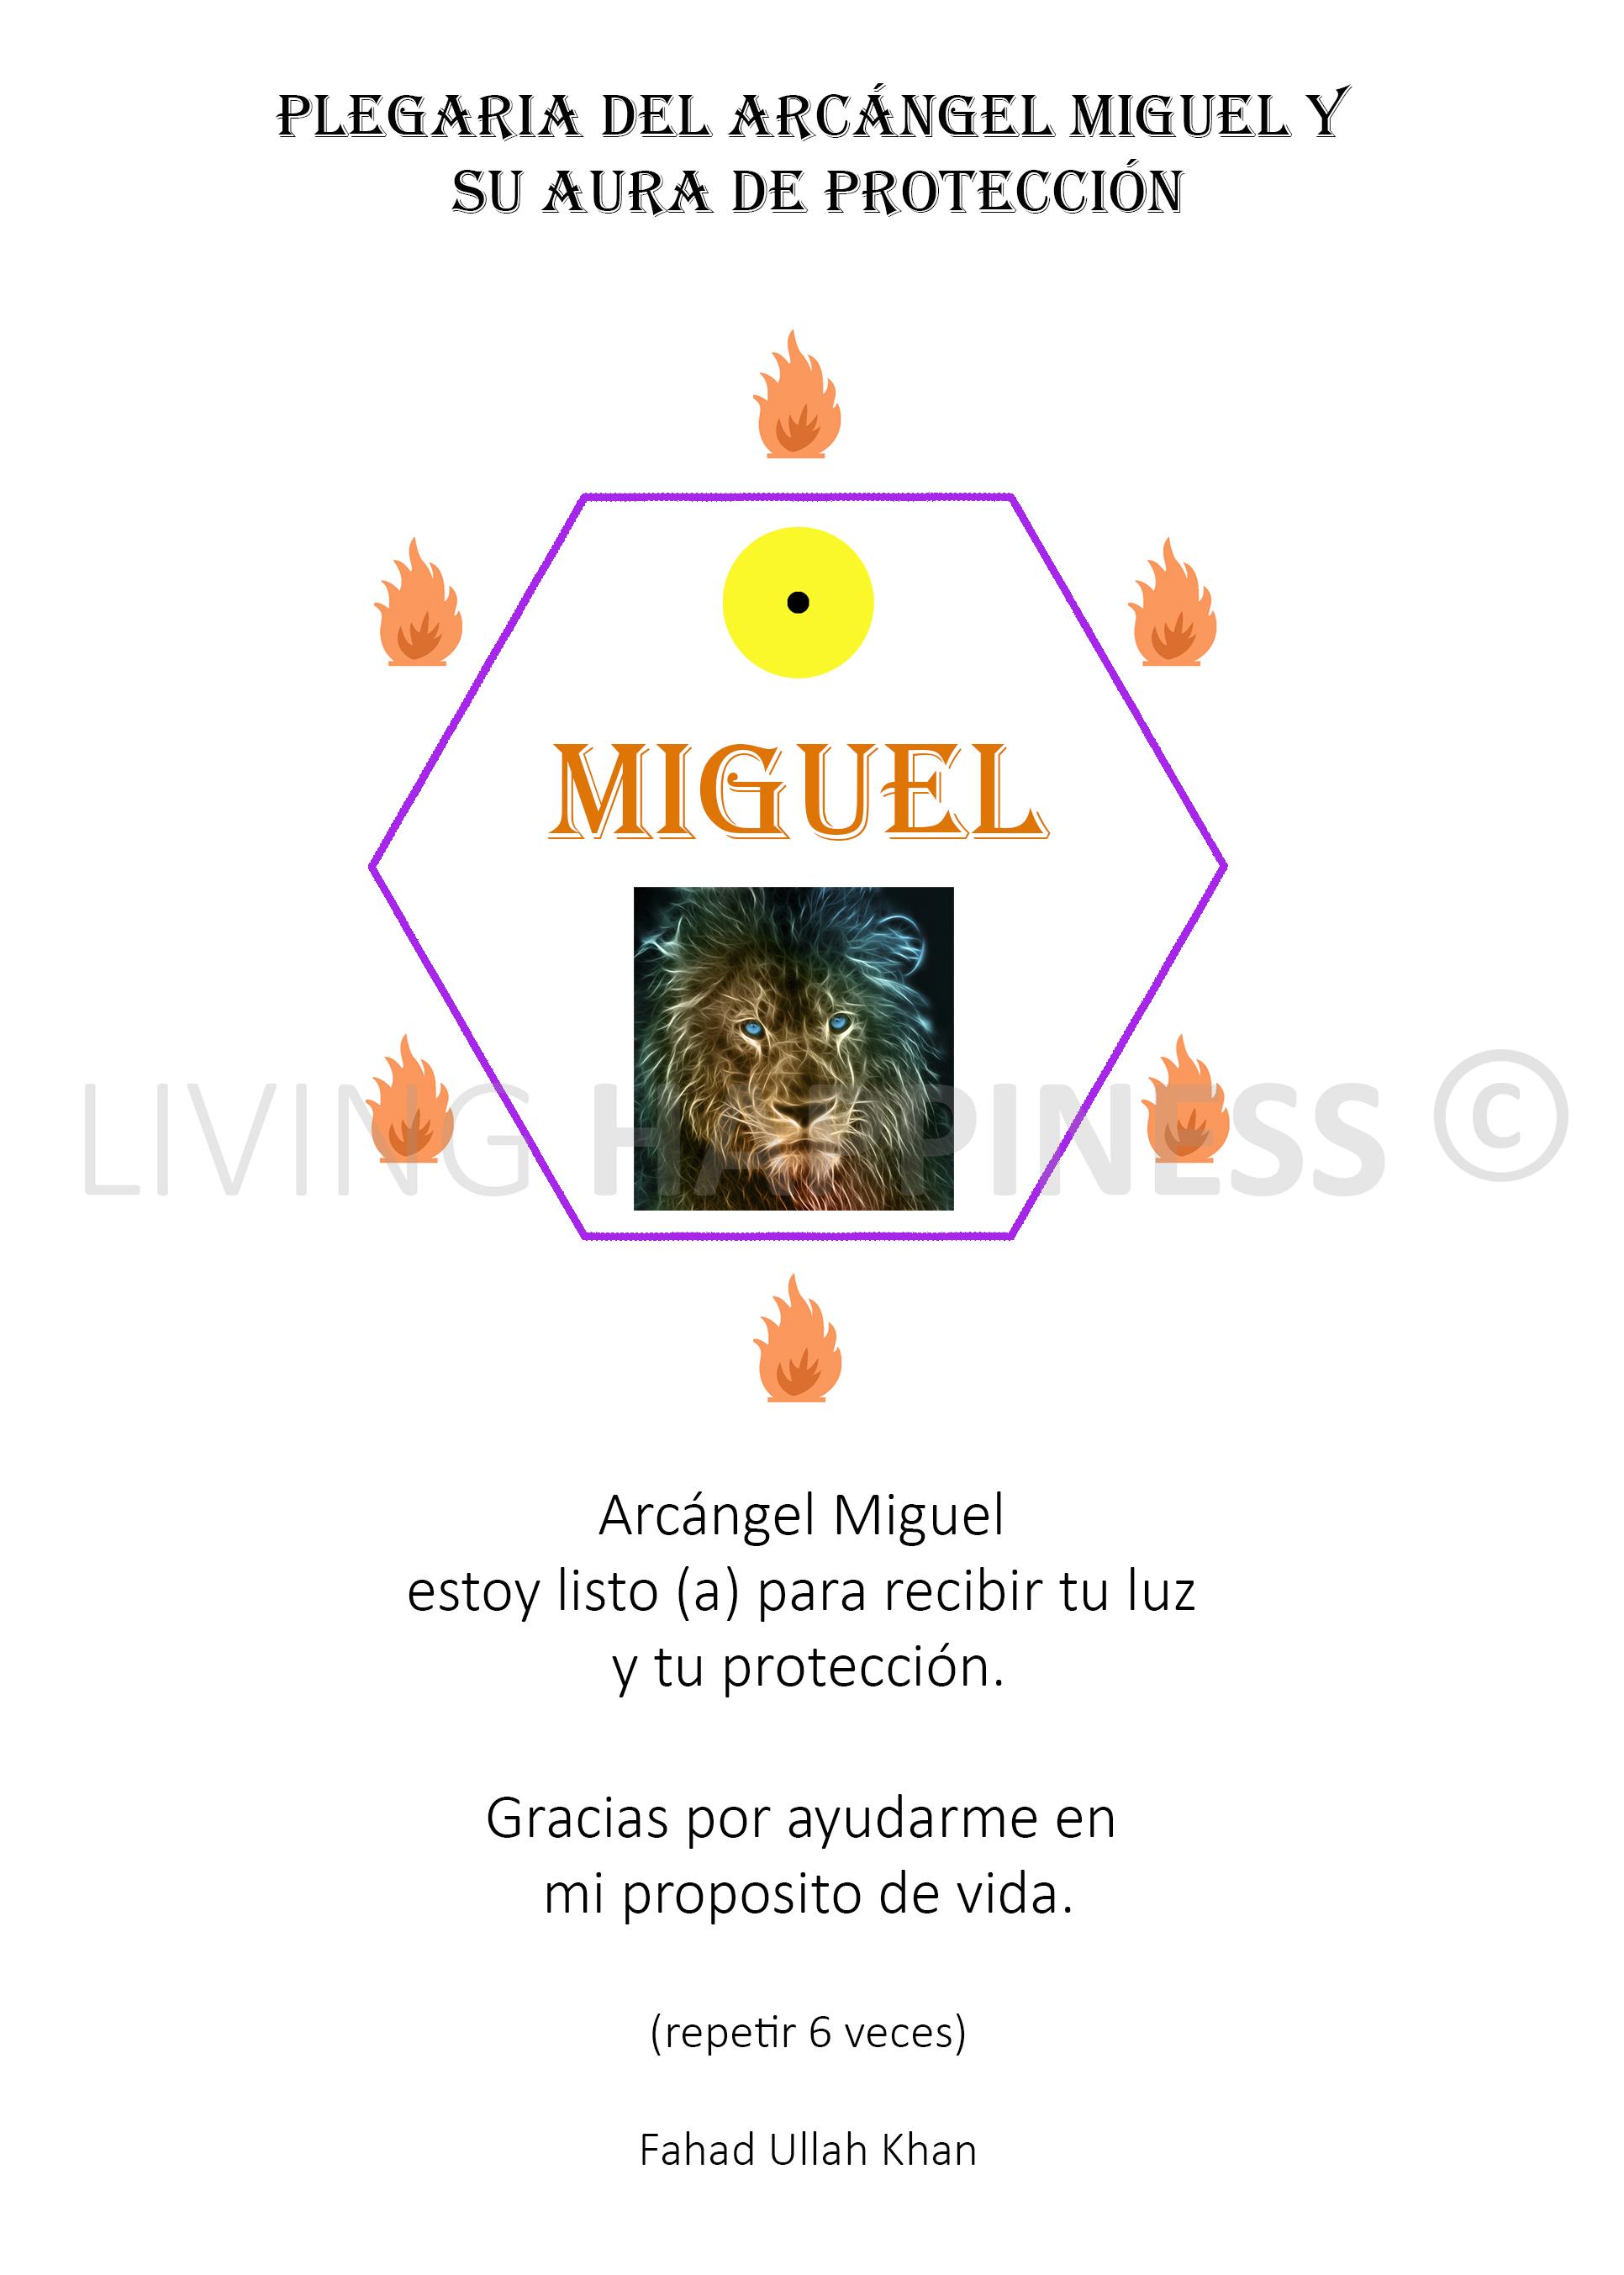 PLEGARIA  final ARCANGEL MIGUEL.jpg